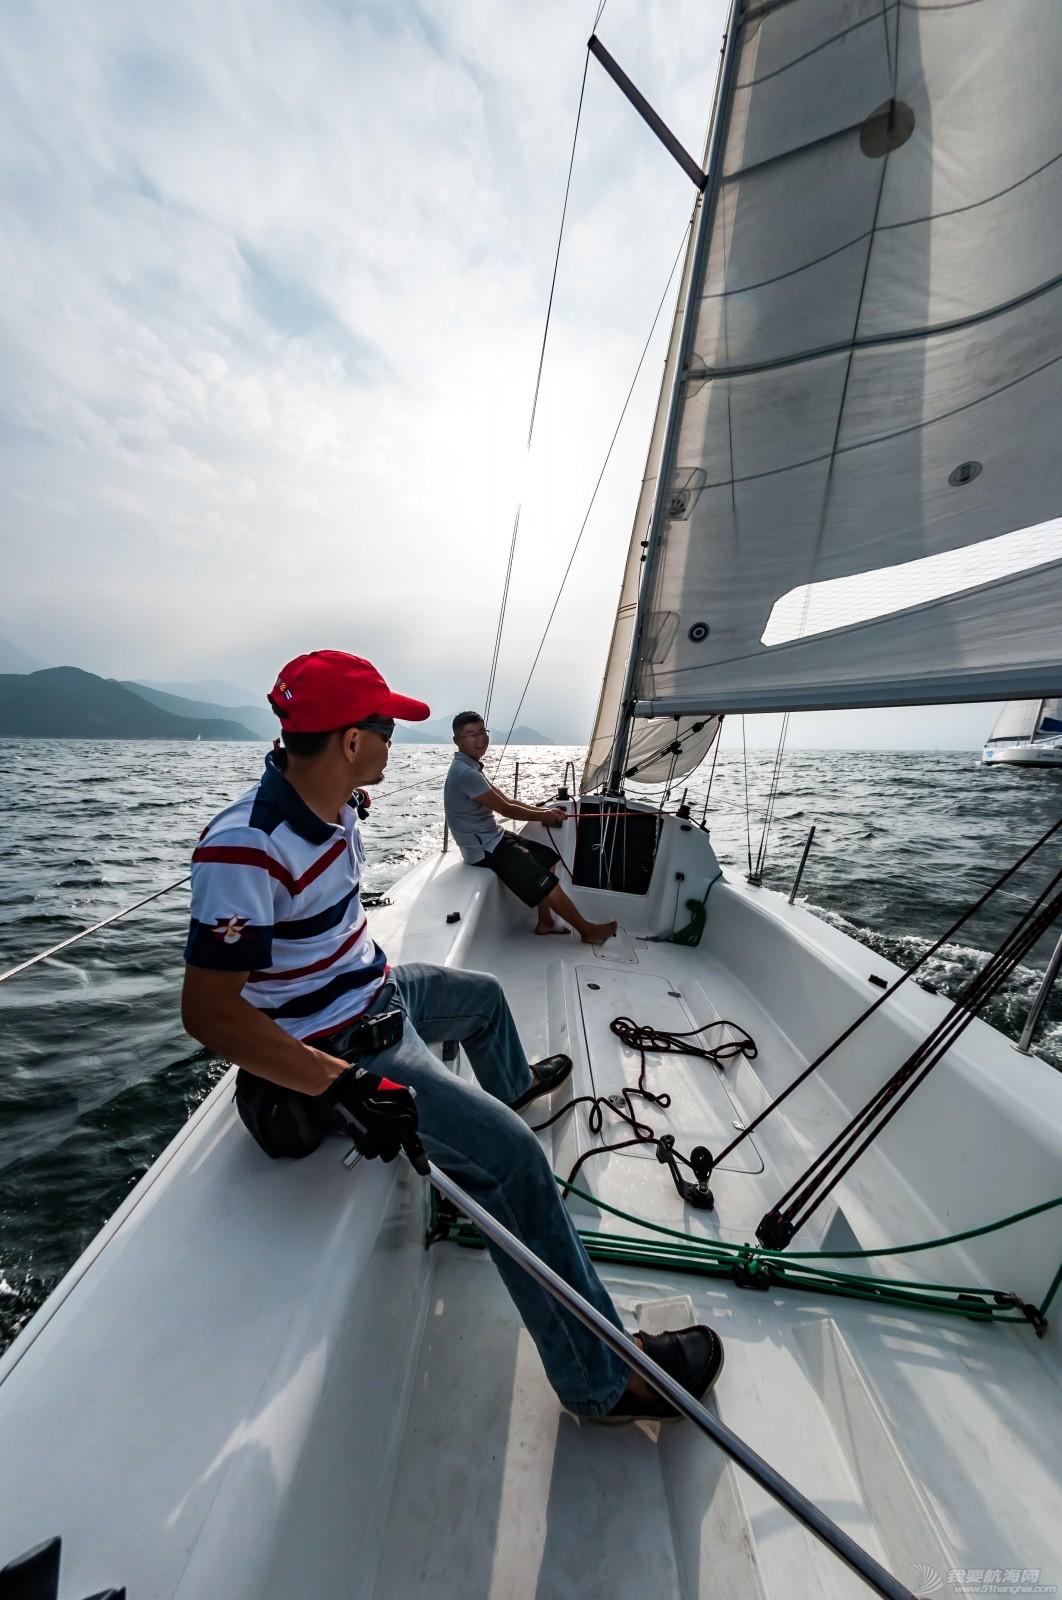 帆船 【2015大鹏杯帆船赛】鱼眼看航海 16057.jpg